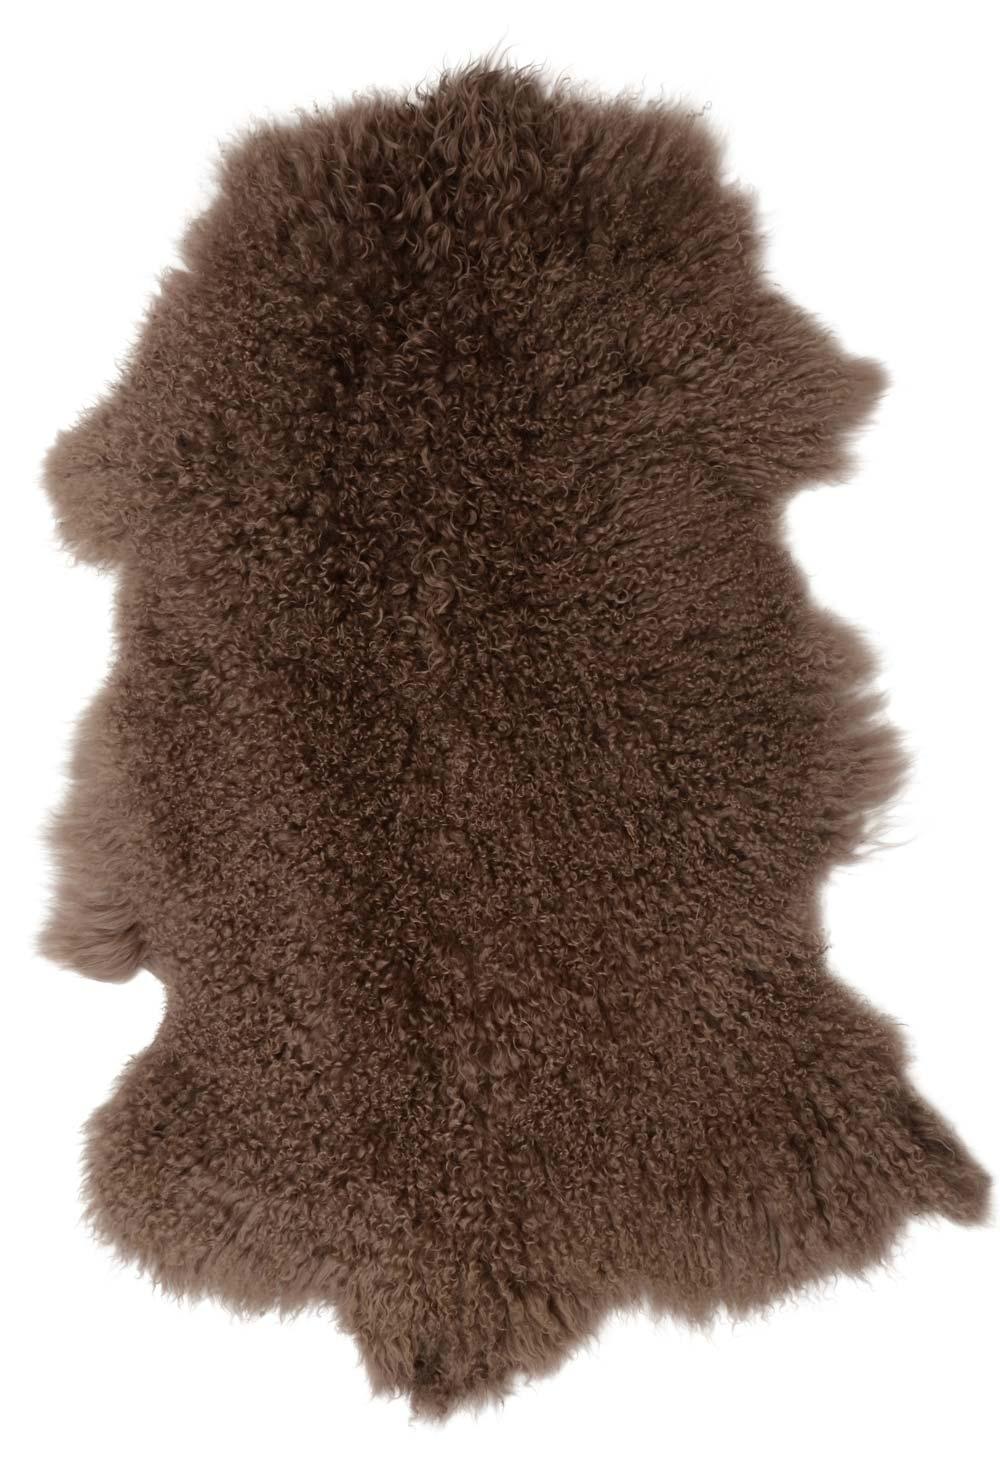 Billede af Ib Laursen Tibetansk lammeskind brun